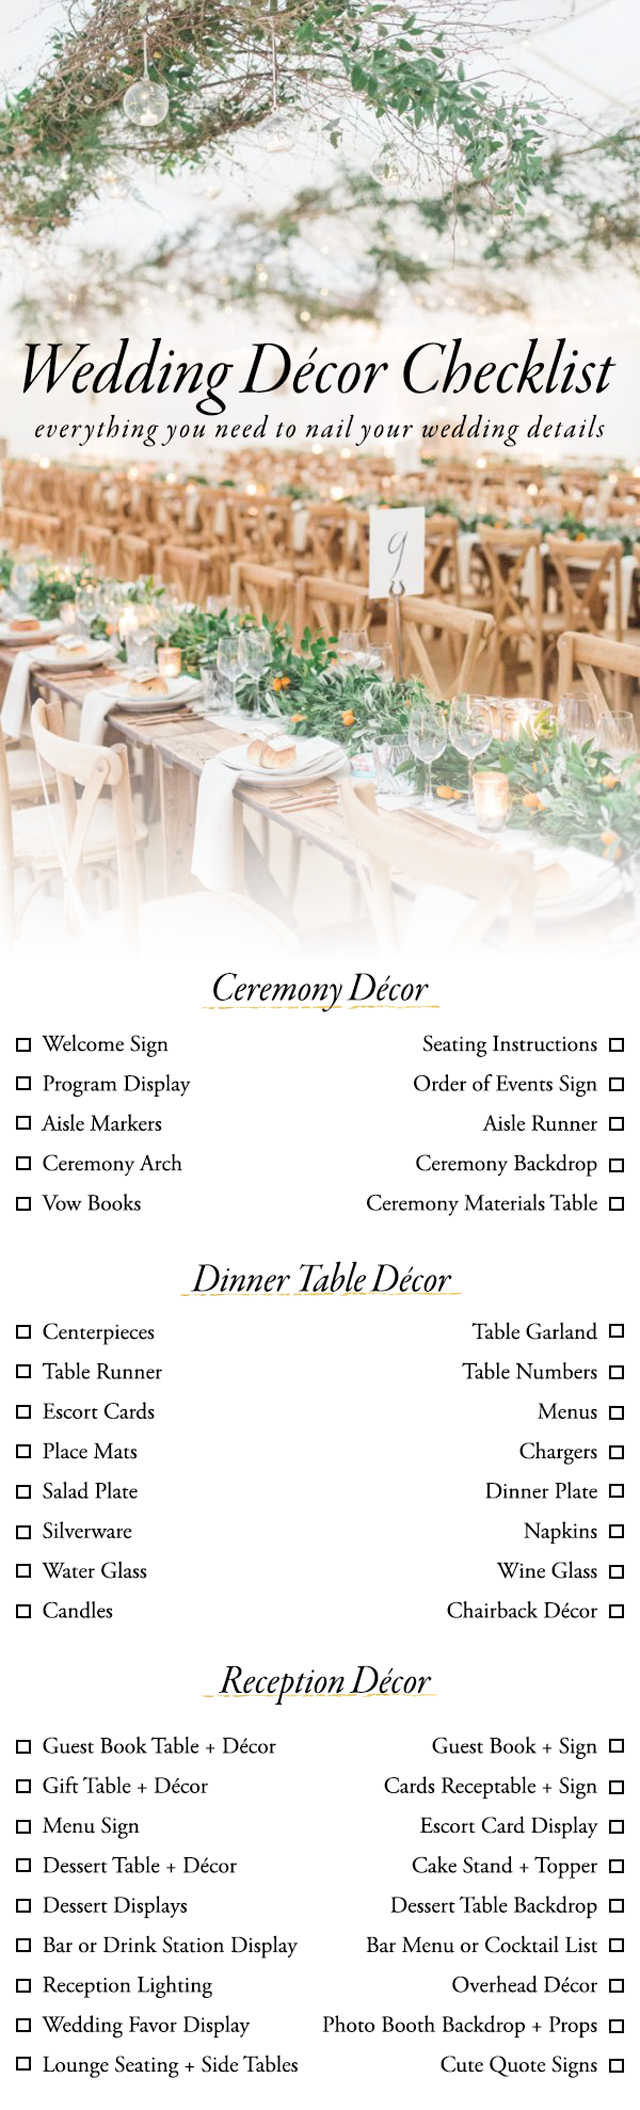 Wedding Decoration ~ Wedding Decor Checklist Pdf Wedding Decoration - Free Printable Wedding Decorations